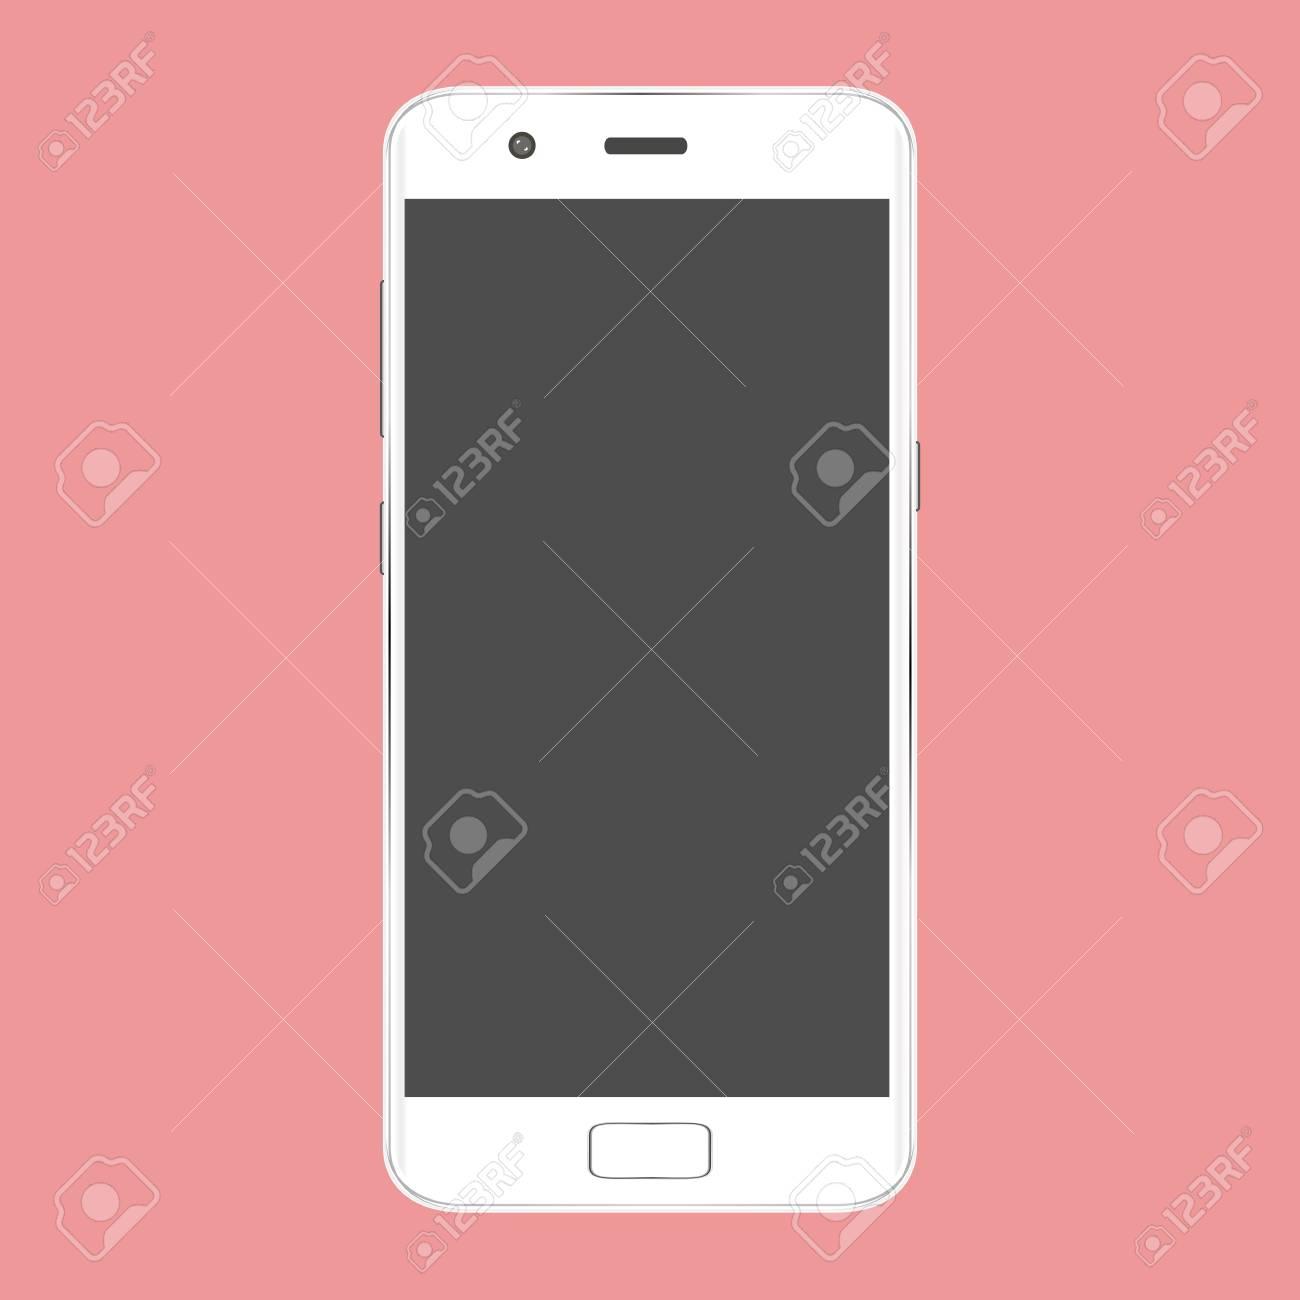 Vettoriale Telefono Cellulare Mobile Realistico Con Schermo Vuoto